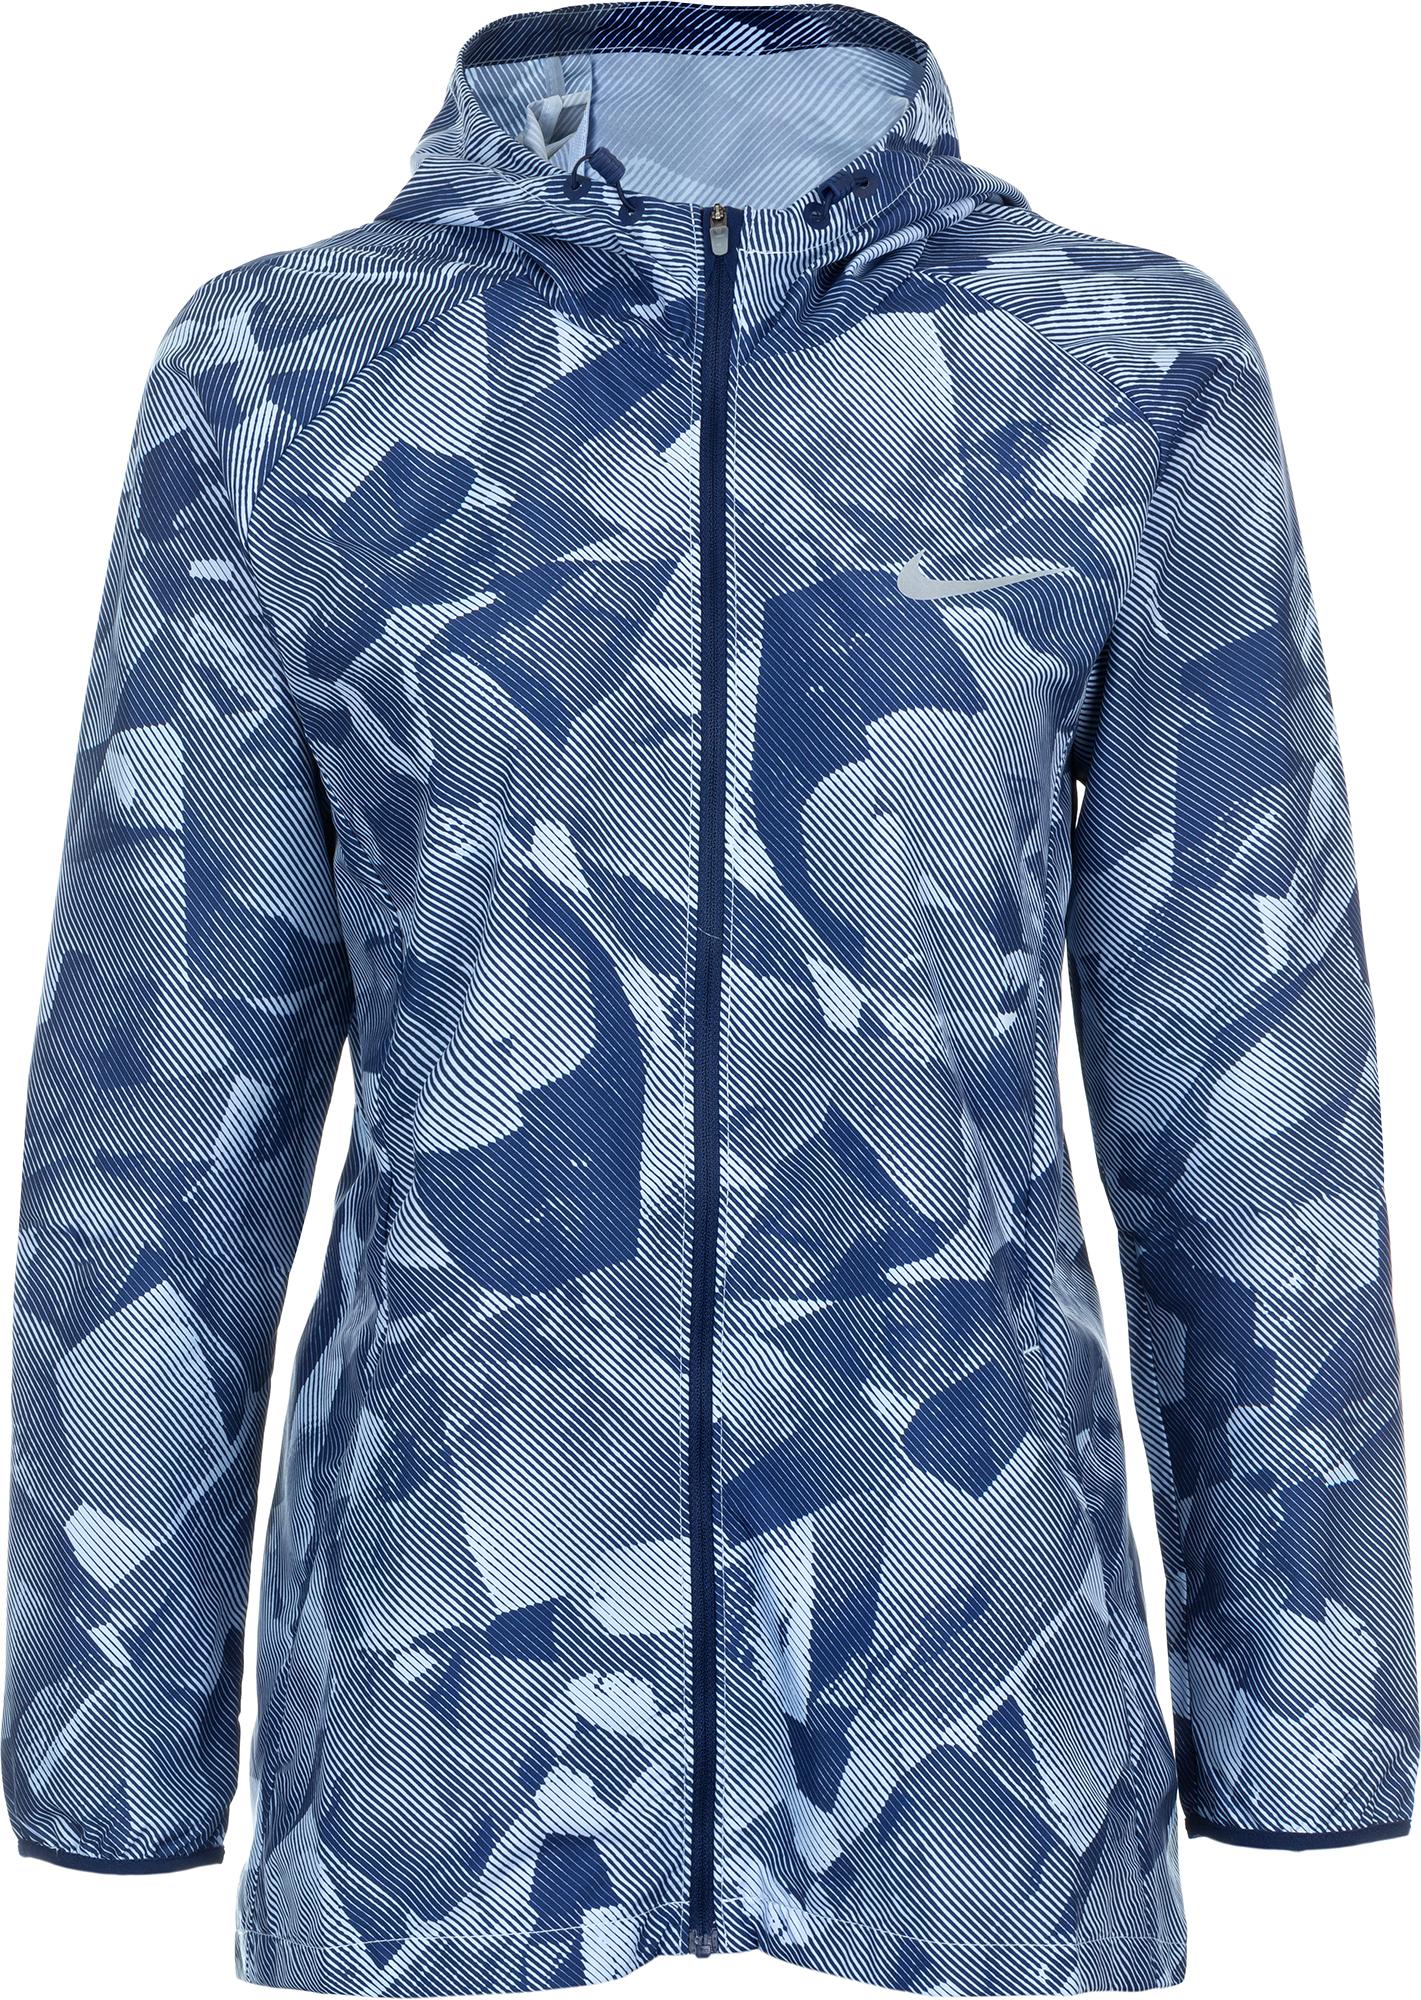 Nike Ветровка женская Nike Essential Hooded nike ветровка мужская nike essential hooded